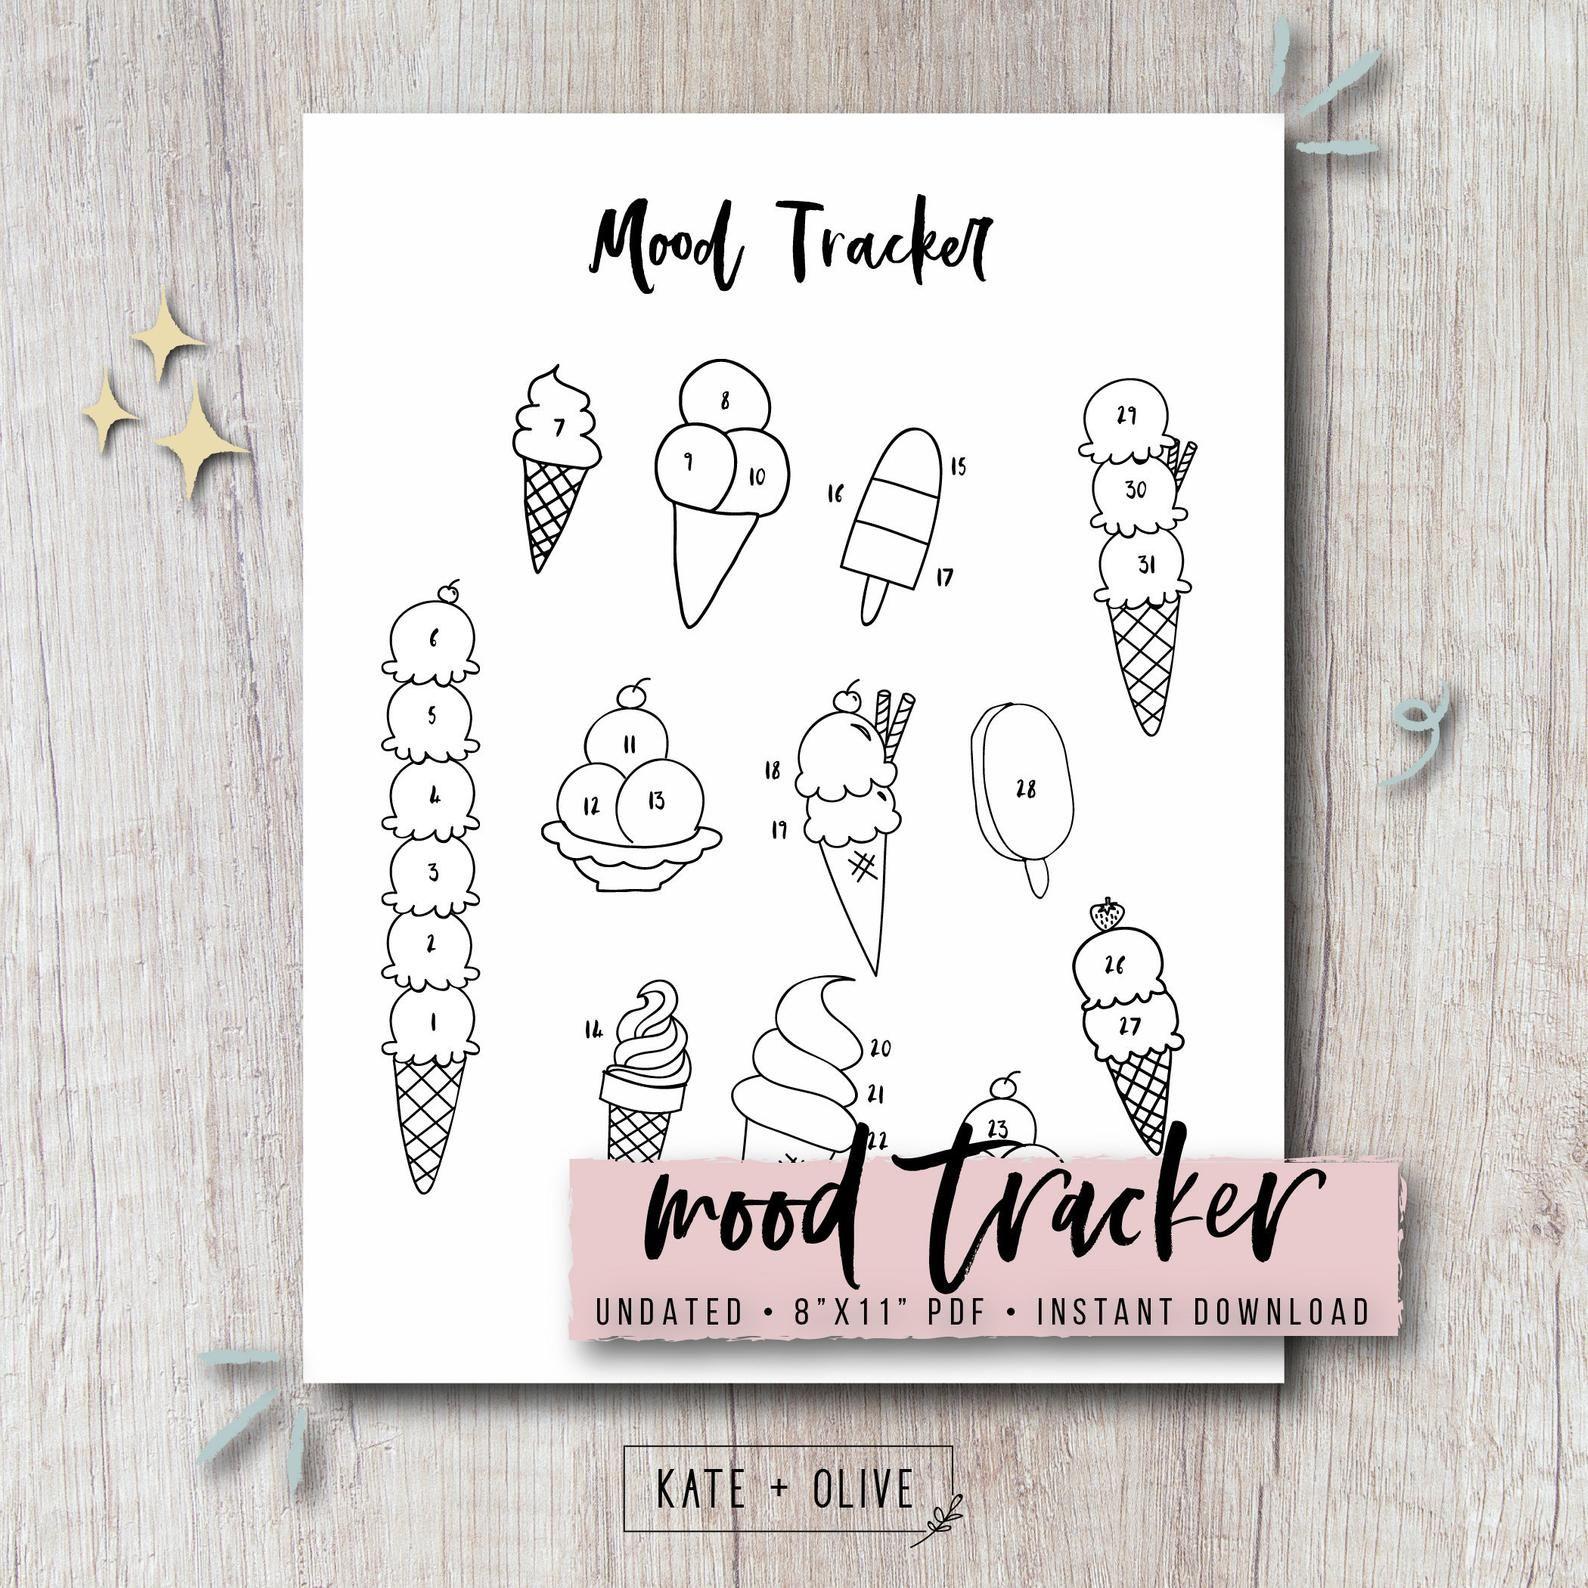 Mood Tracker Printable Bullet Journal Insert